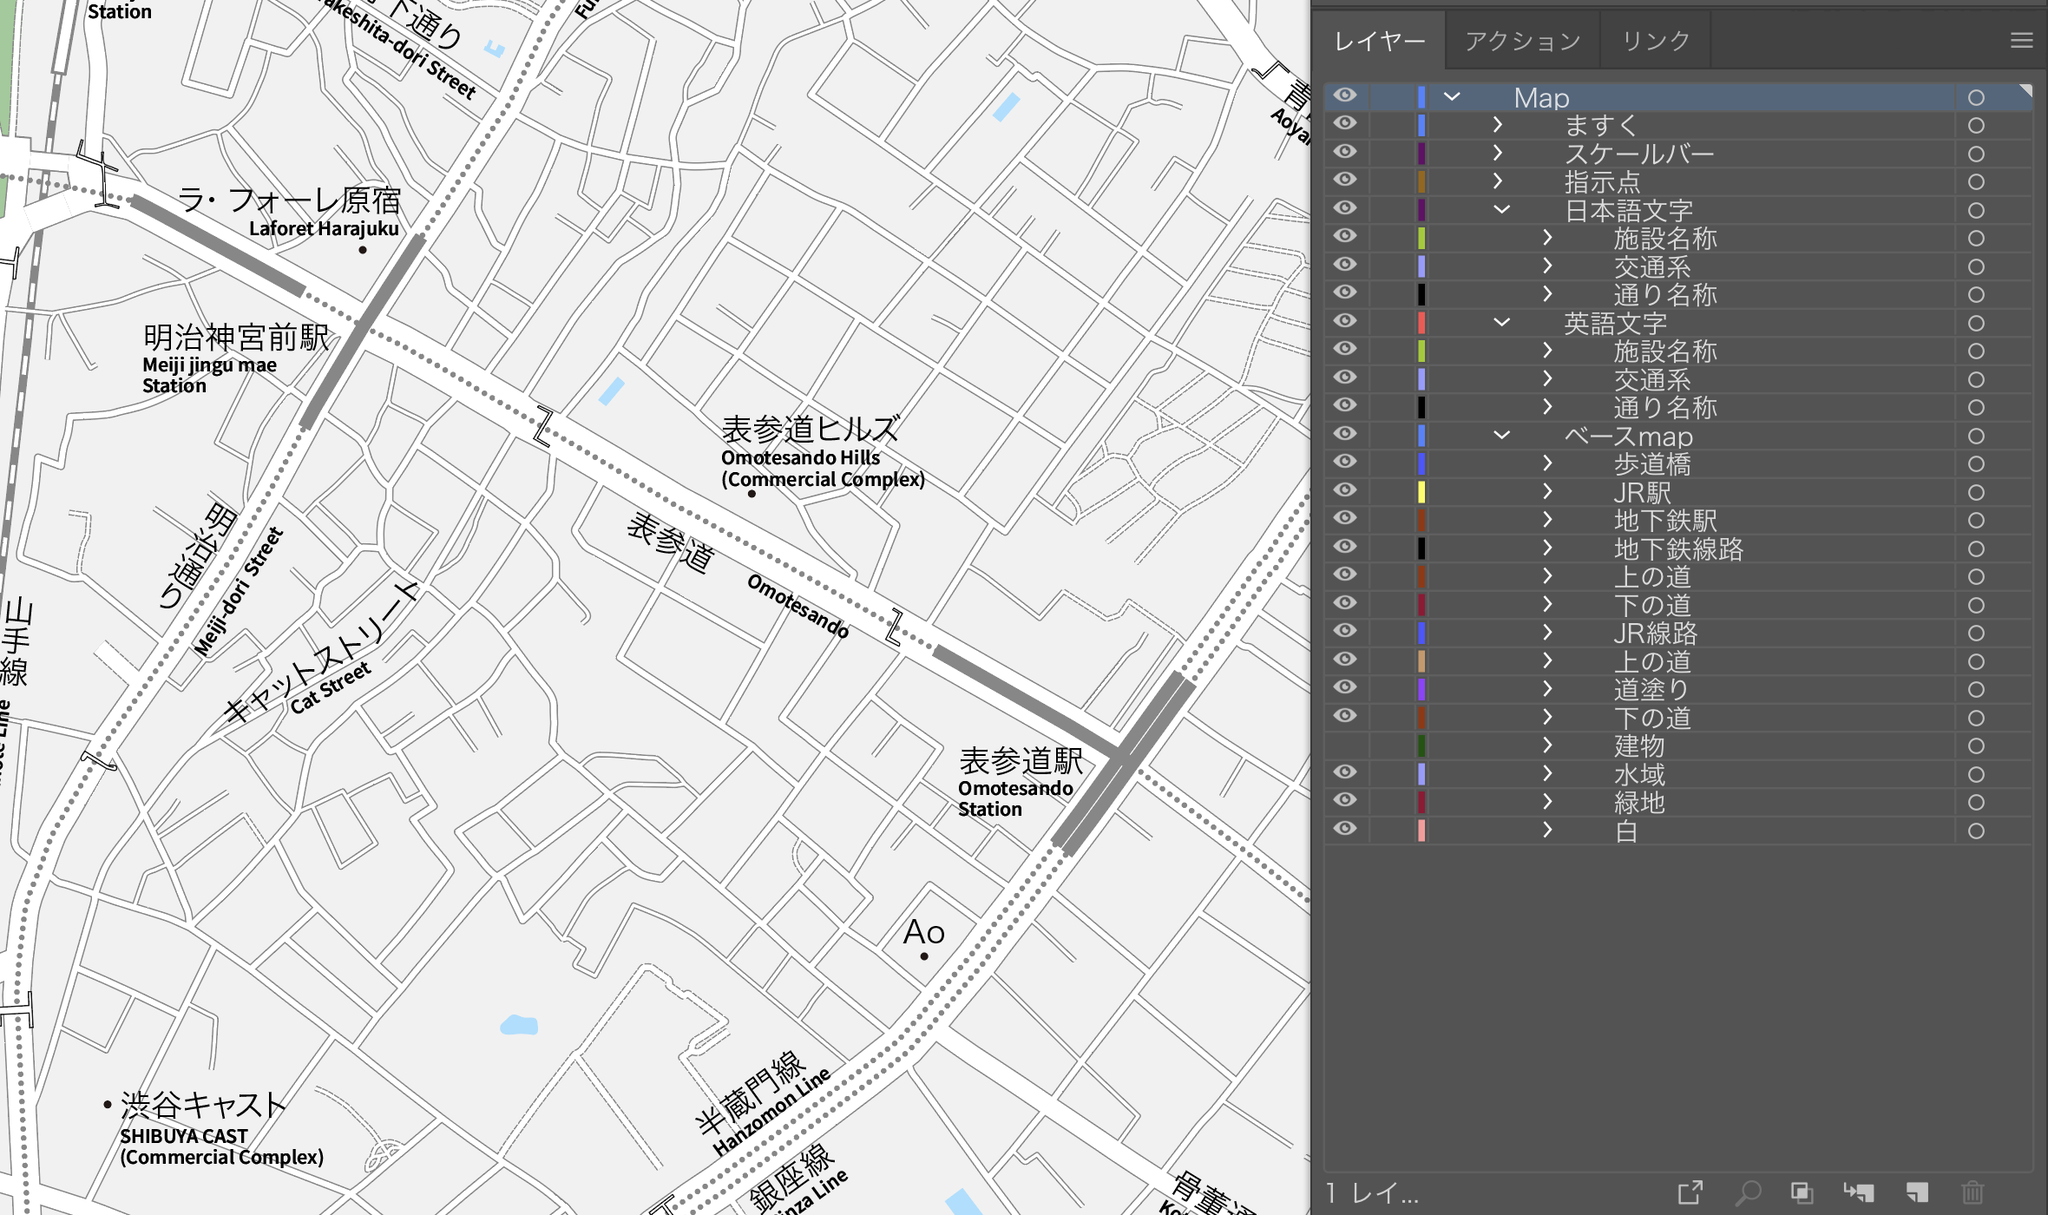 「編集・加工しやすい」に、こだわった地図 東京 原宿・表参道・青山のイラストレーターデータ